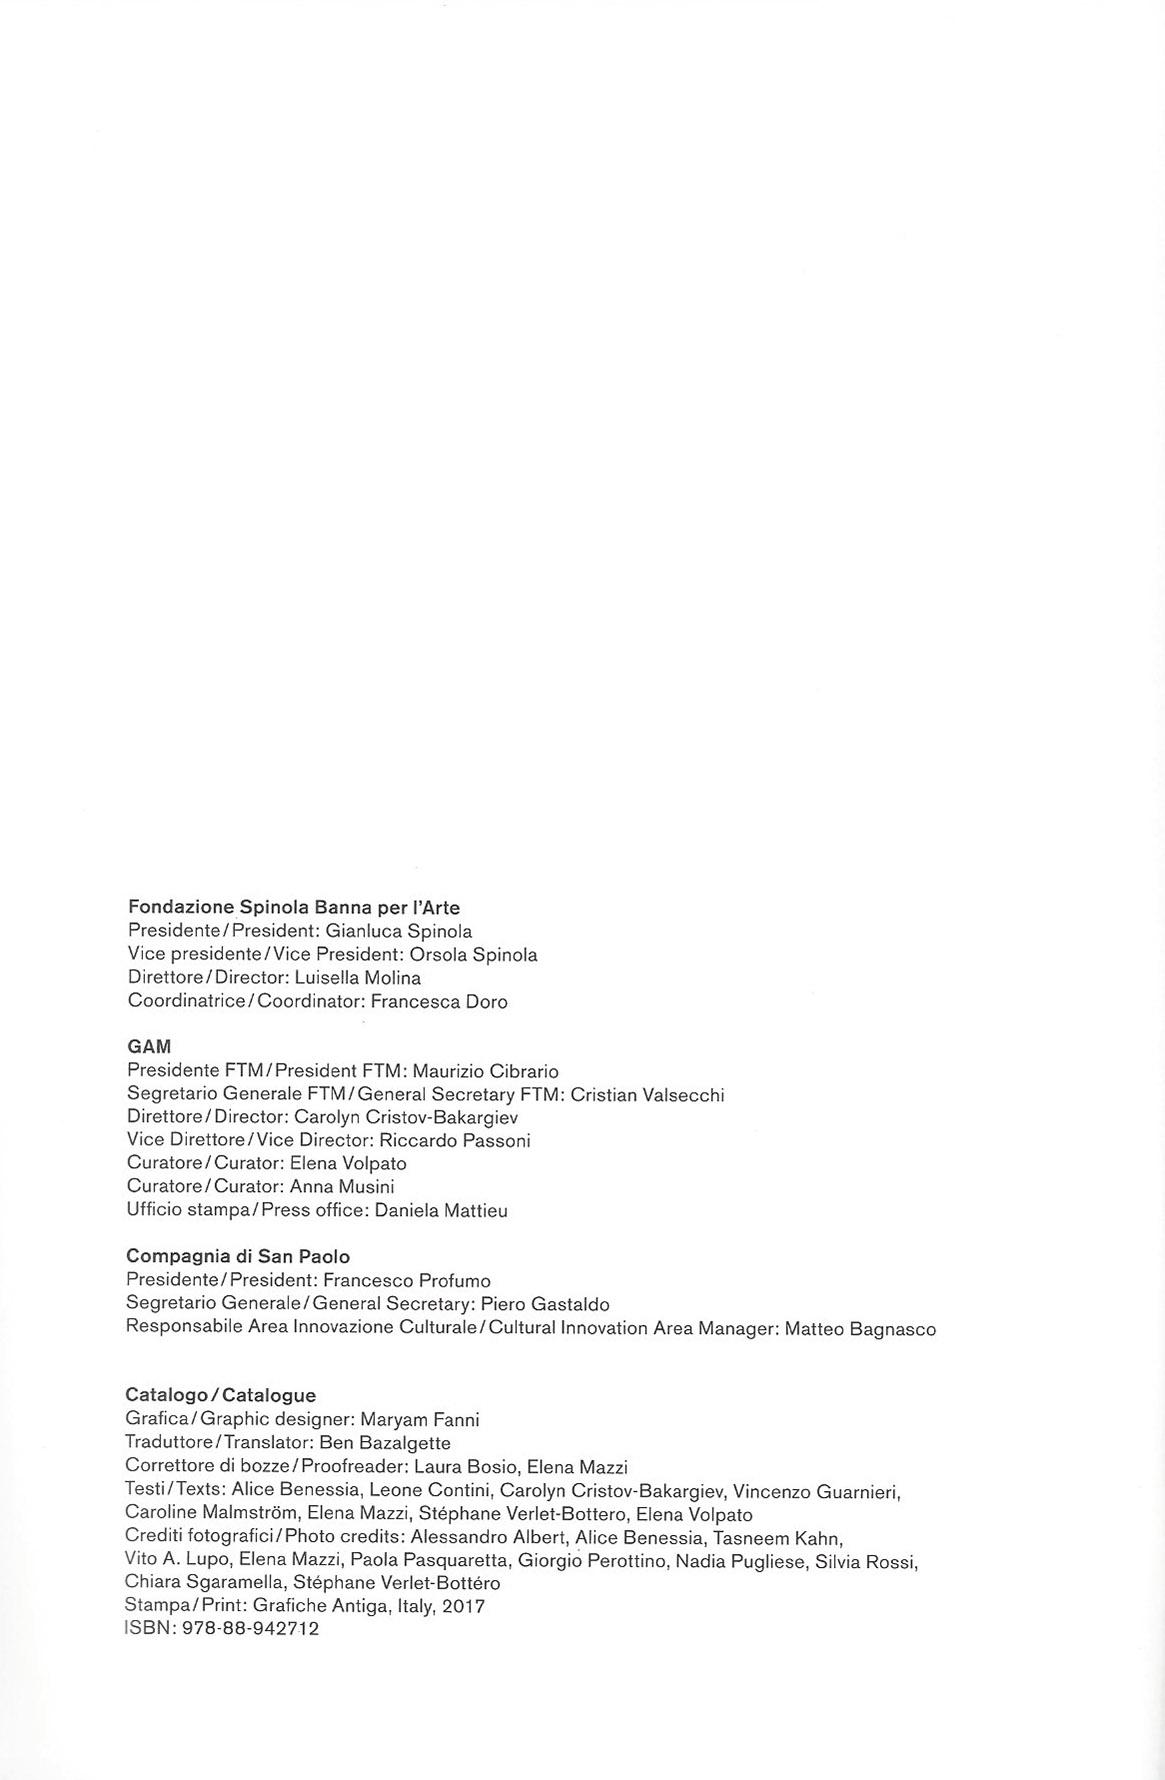 atlante energetico-catalogo-copyright